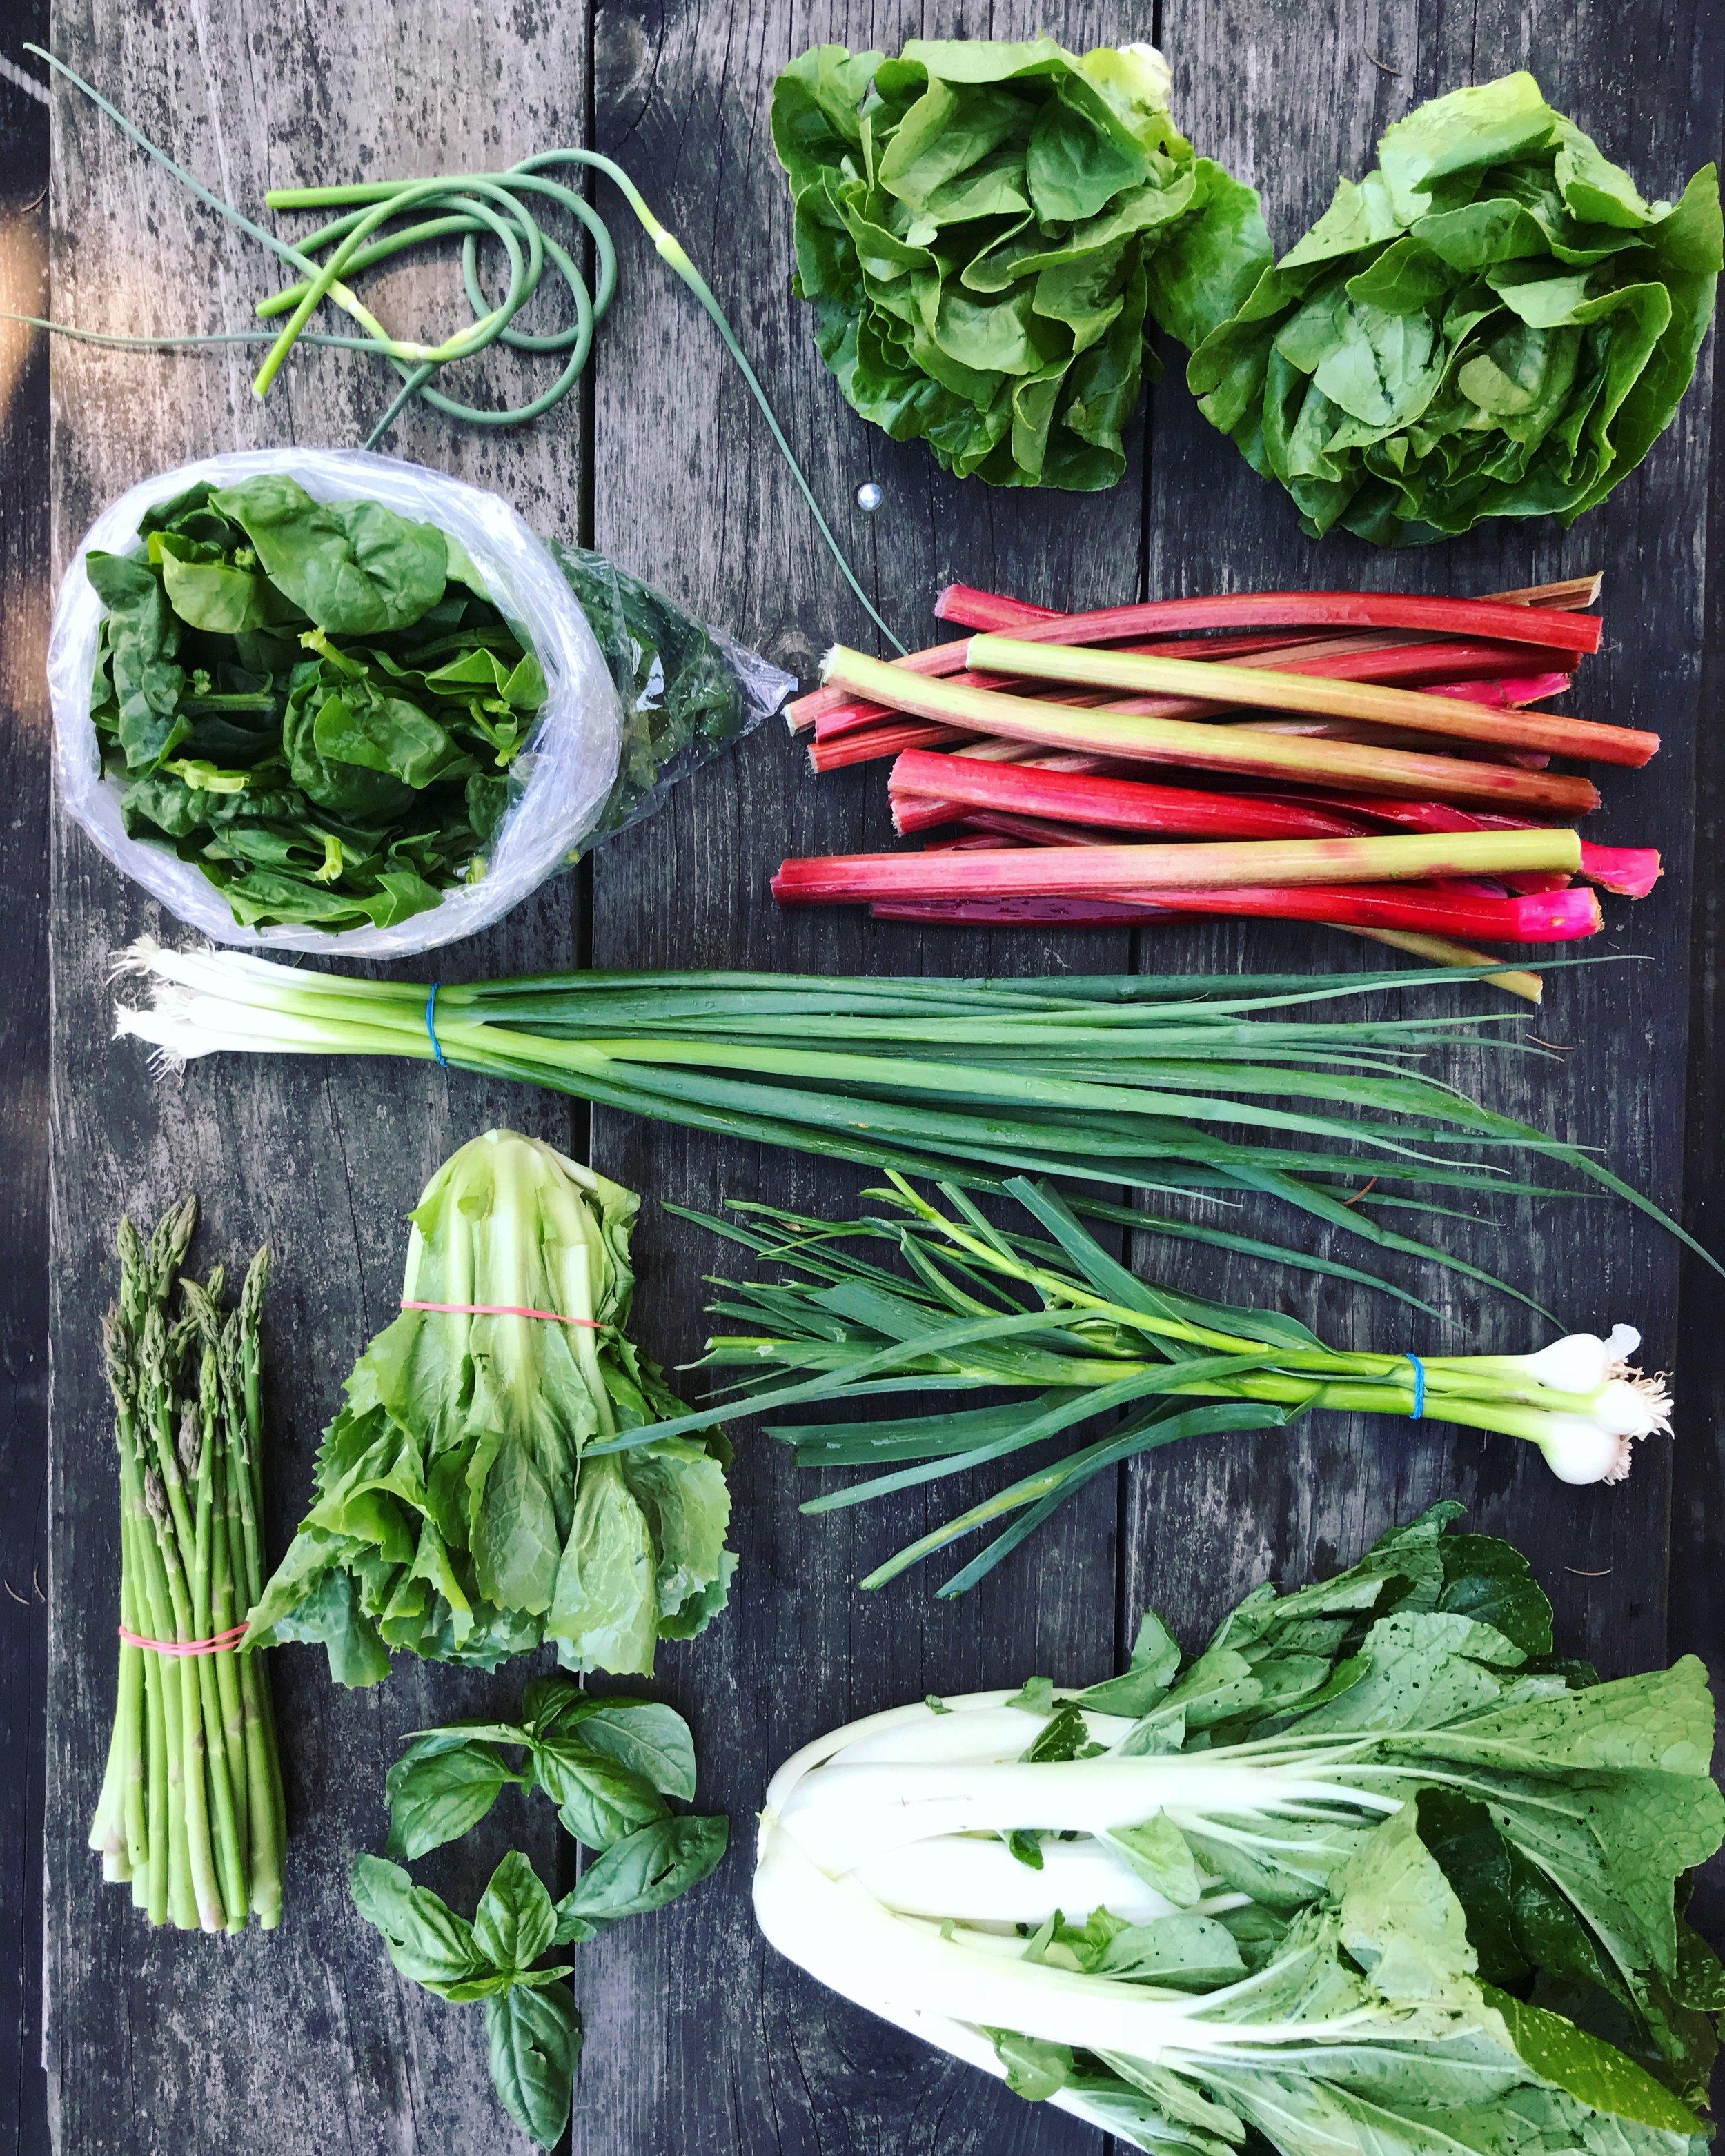 Full share box + lacinato kale!